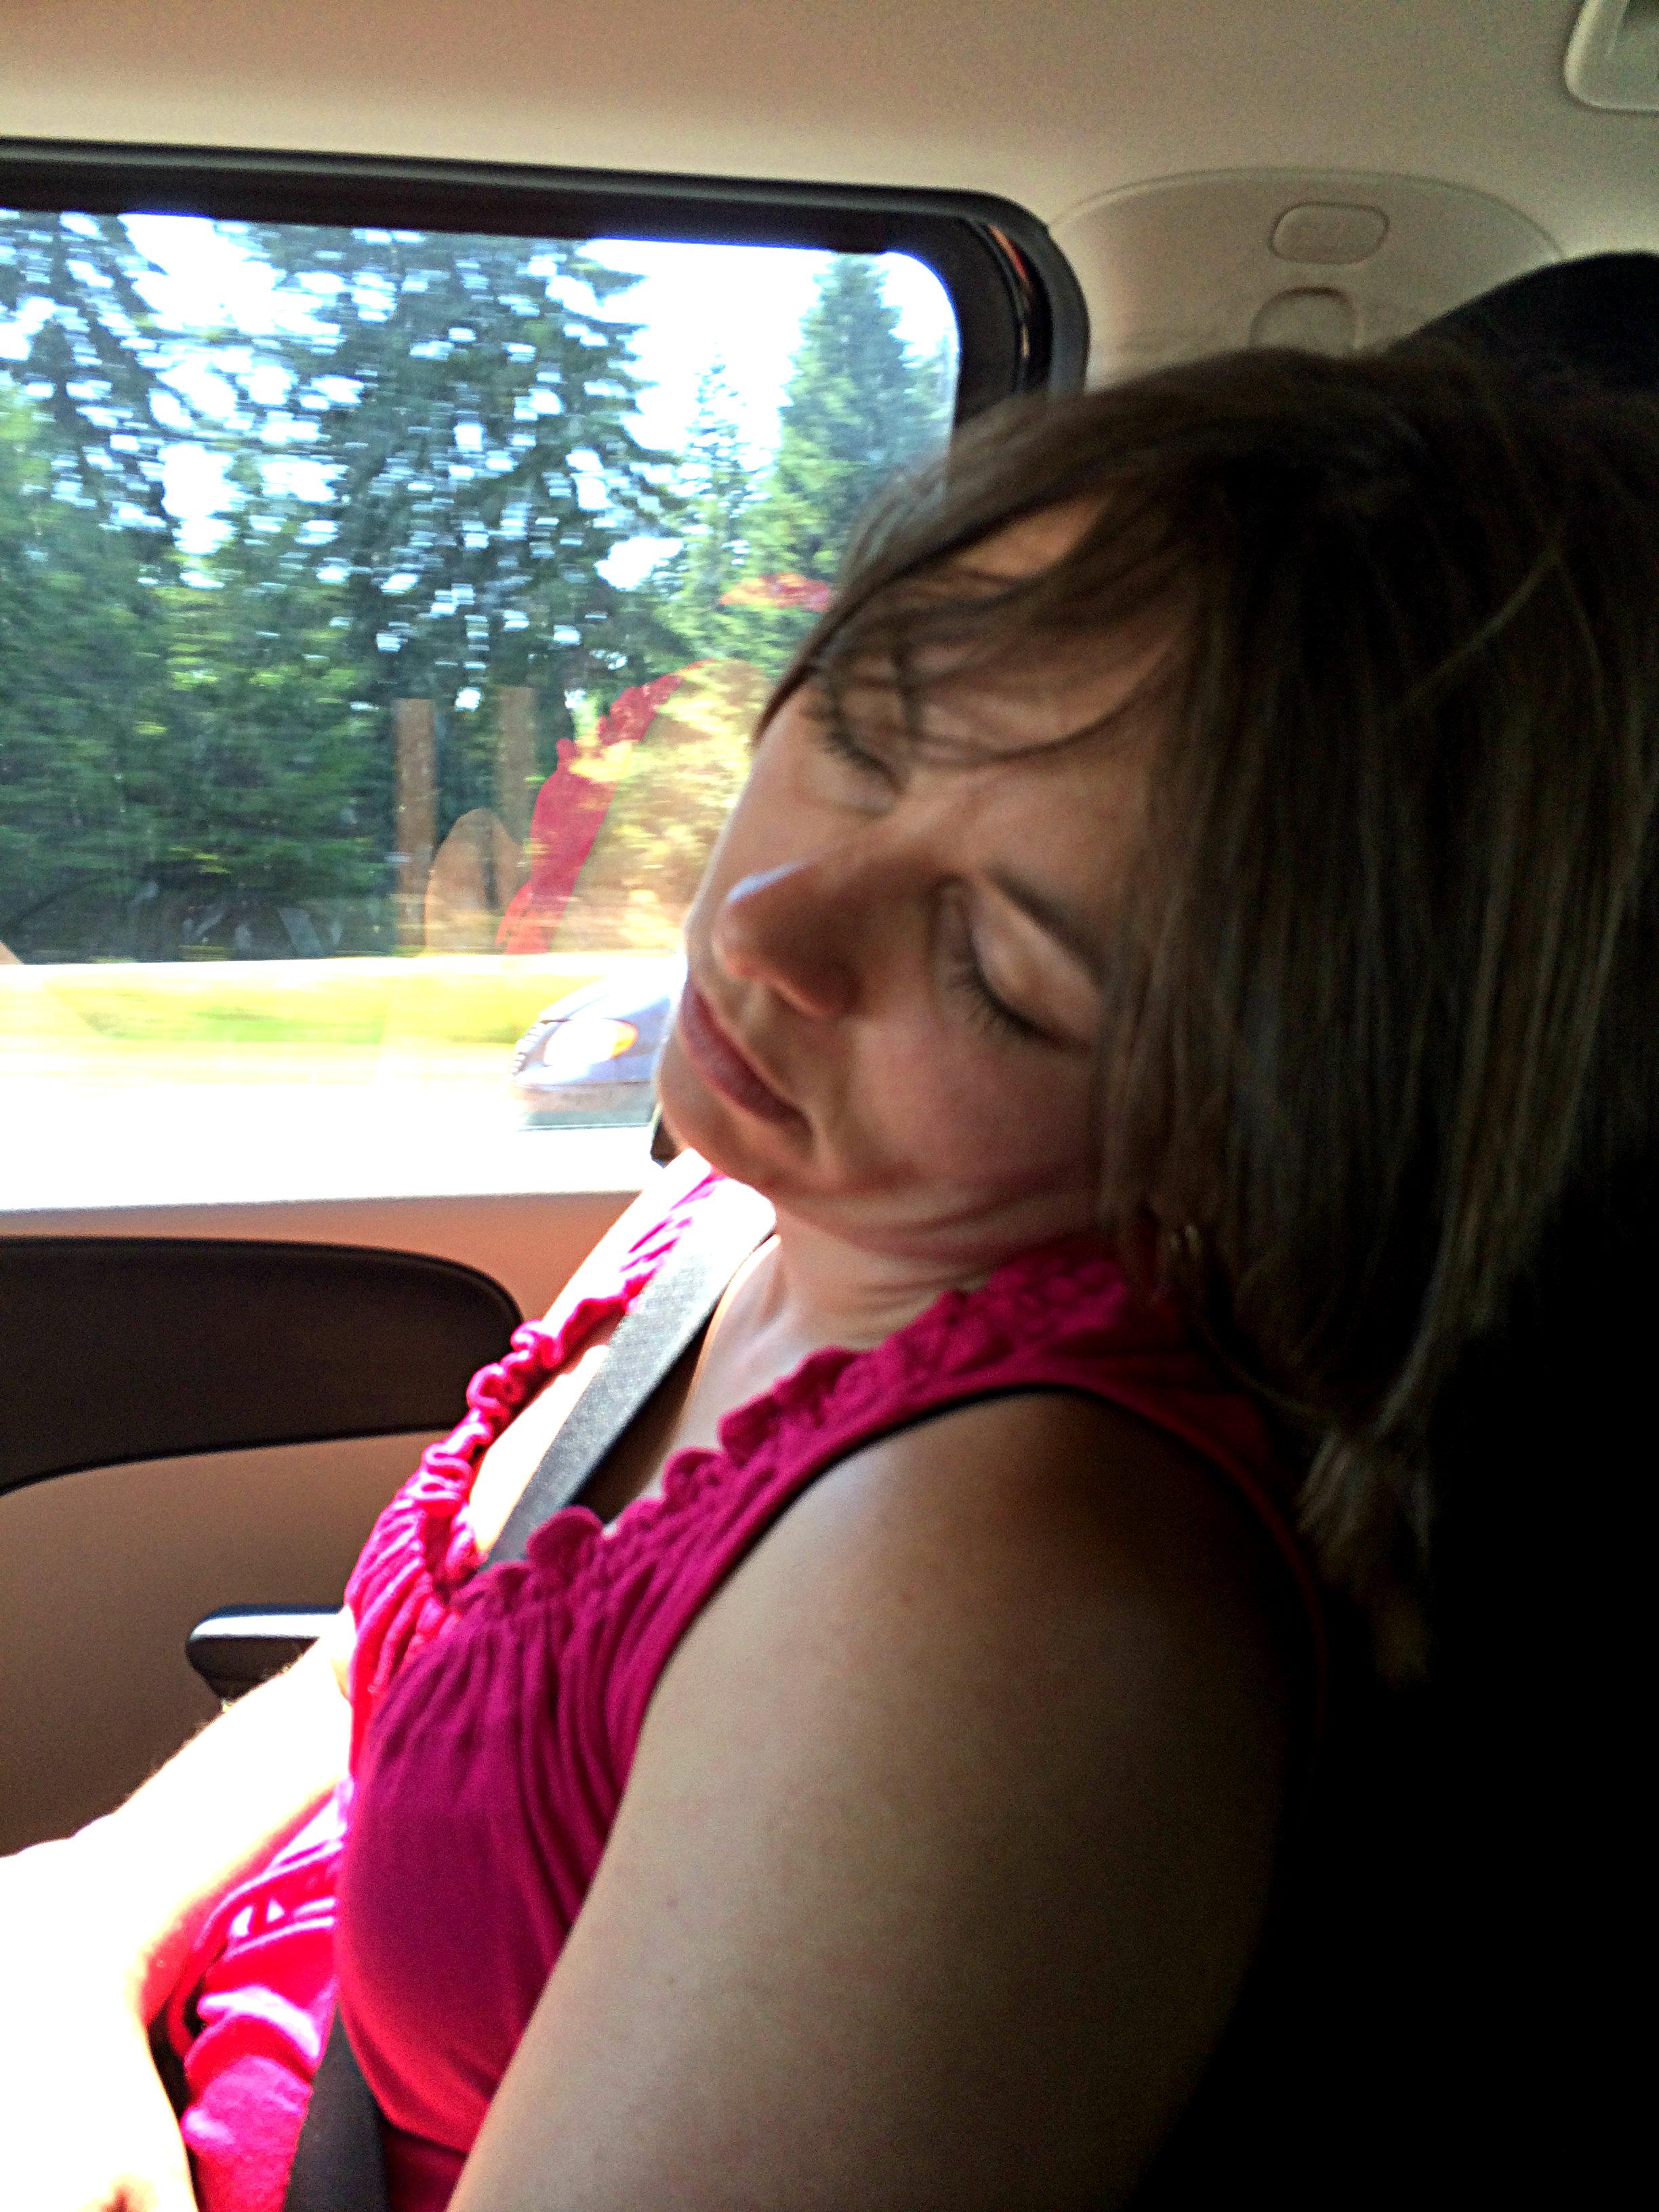 fallen asleep